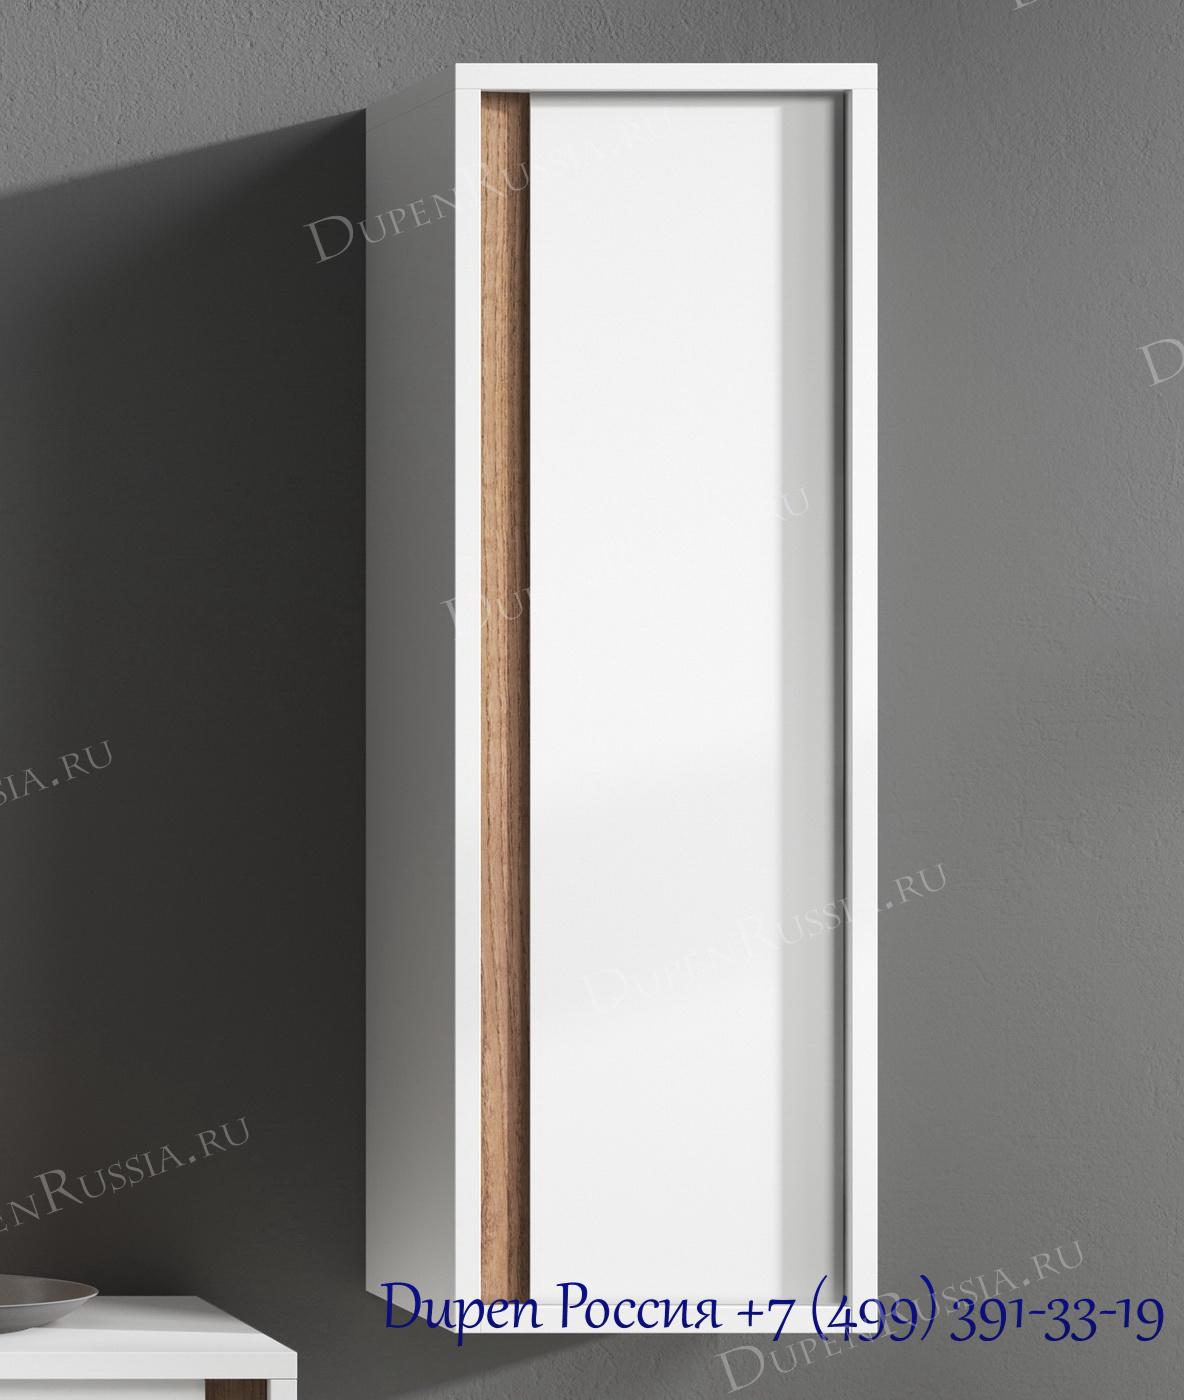 Вертикальный настенный модуль DUPEN MORITZ